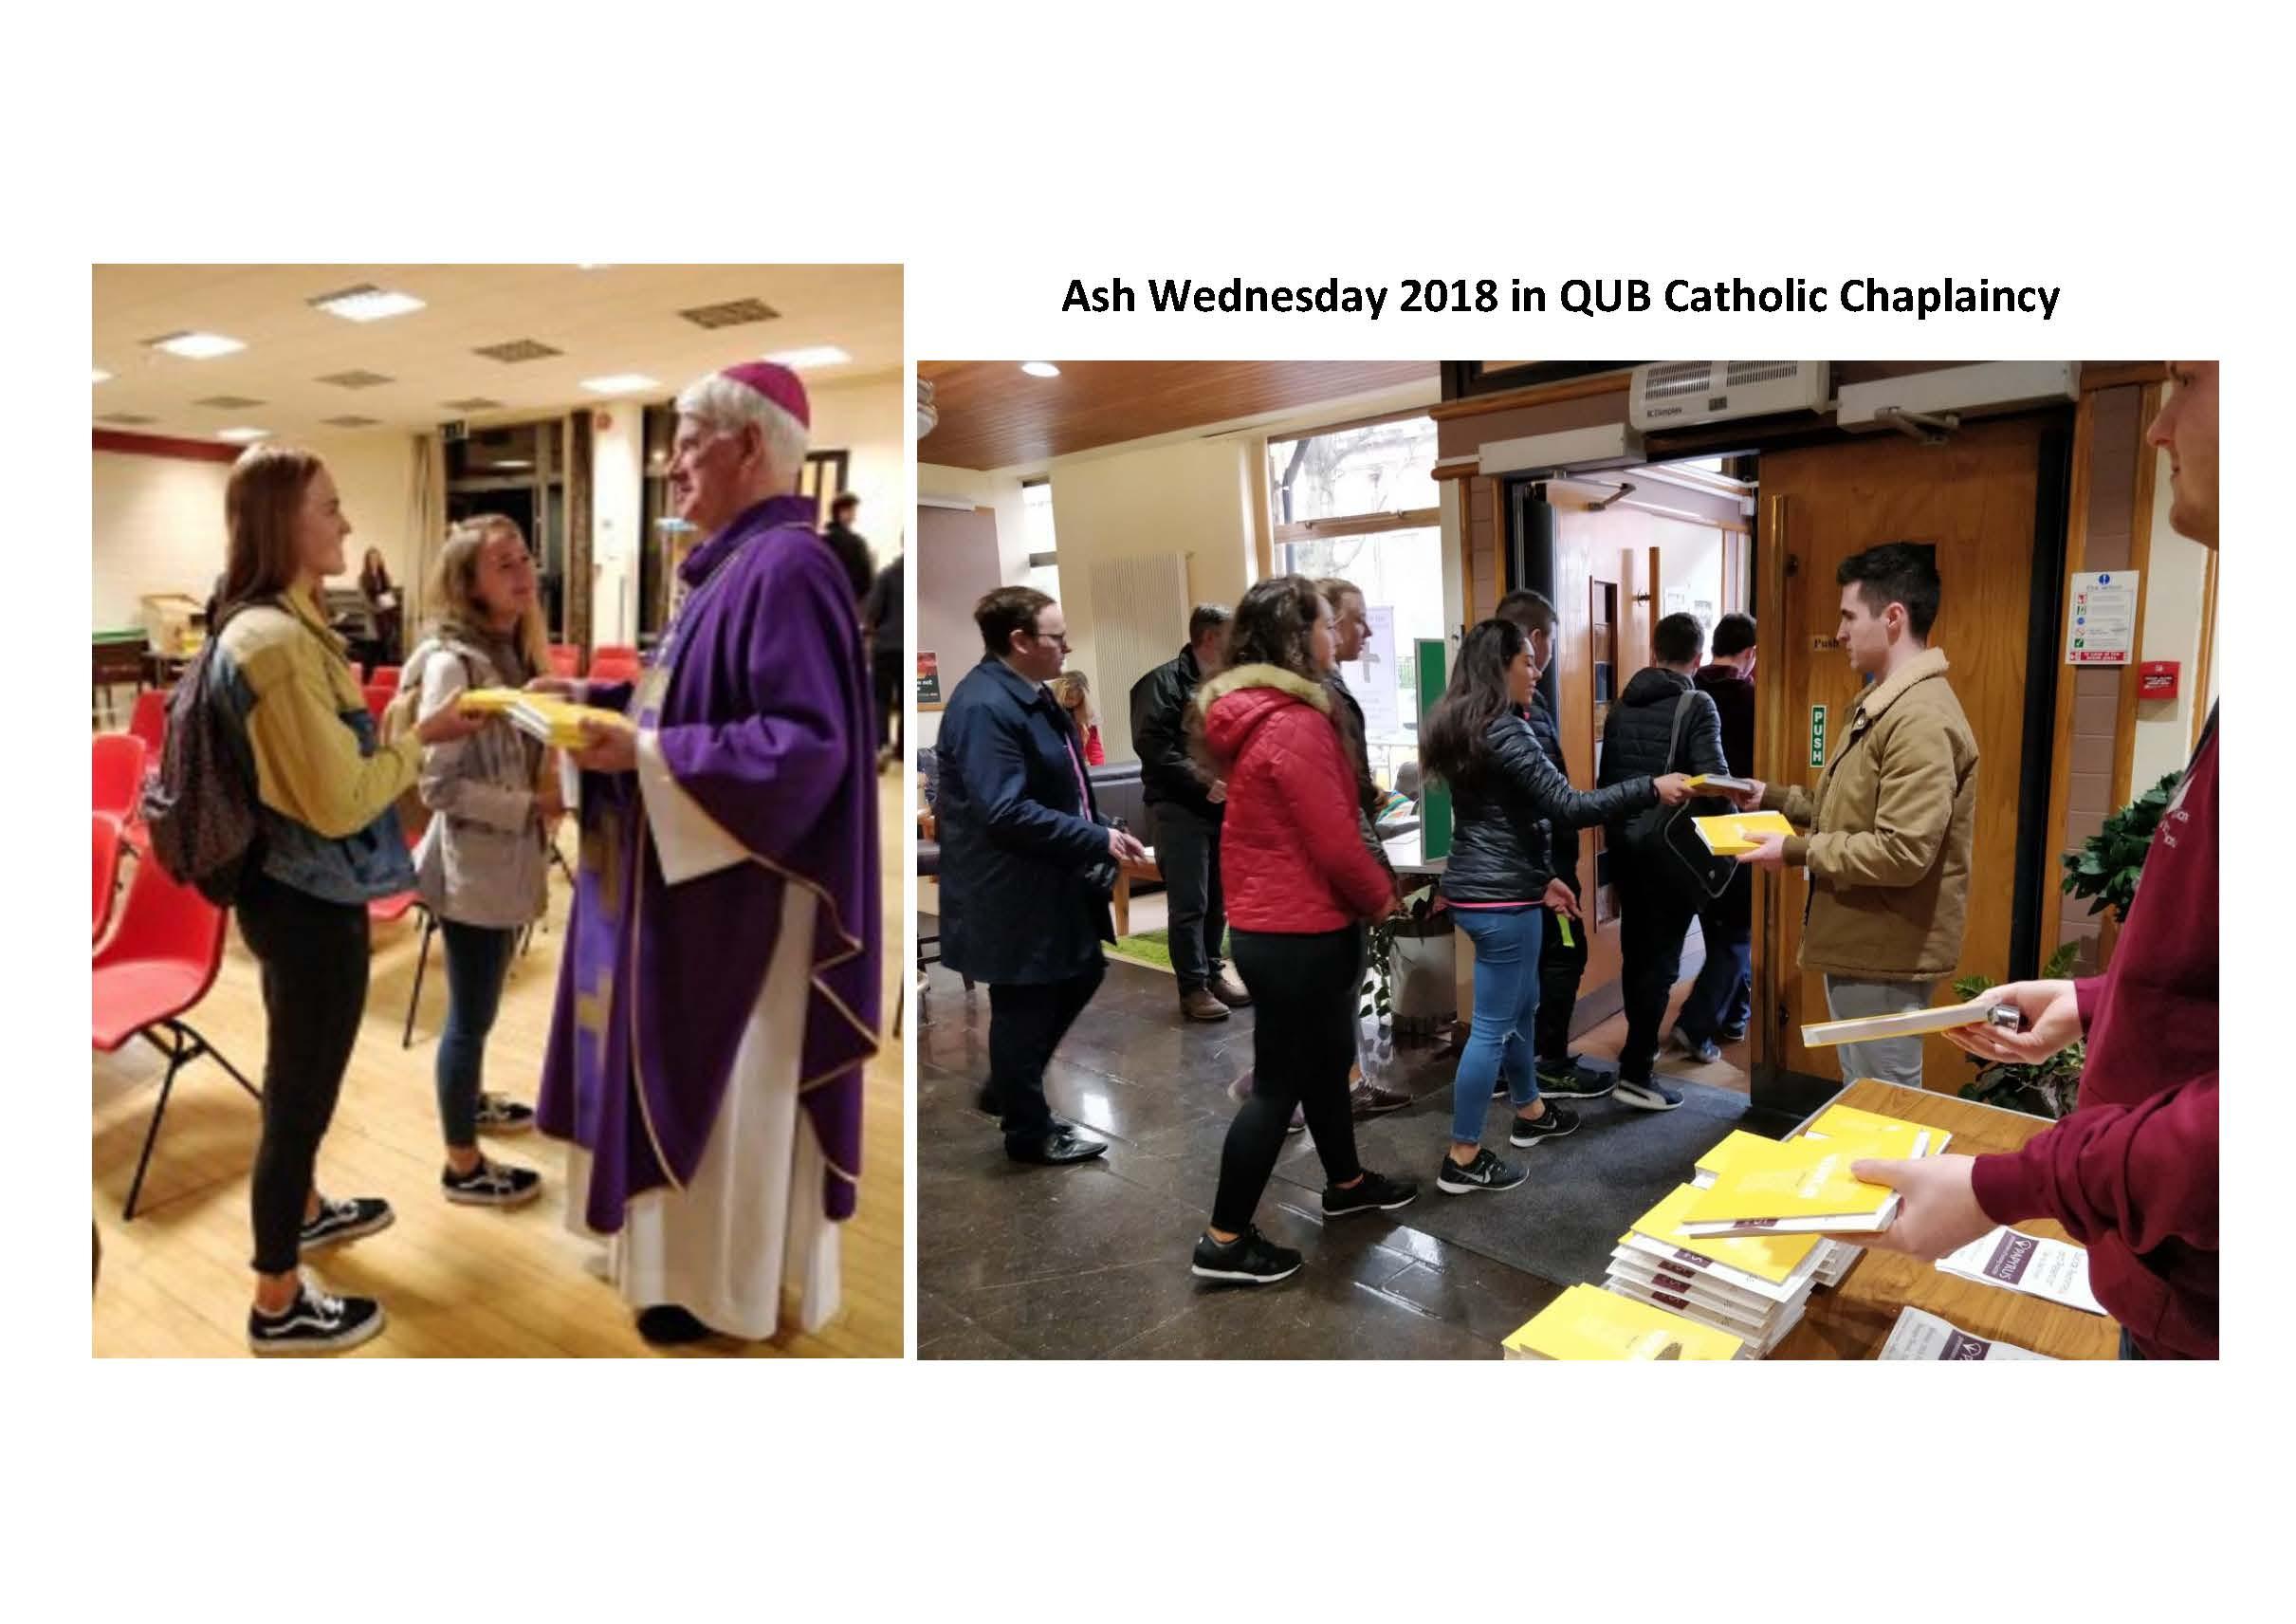 Ash-Wednesday-2018-in-QUB-Catholic-Chaplaincy